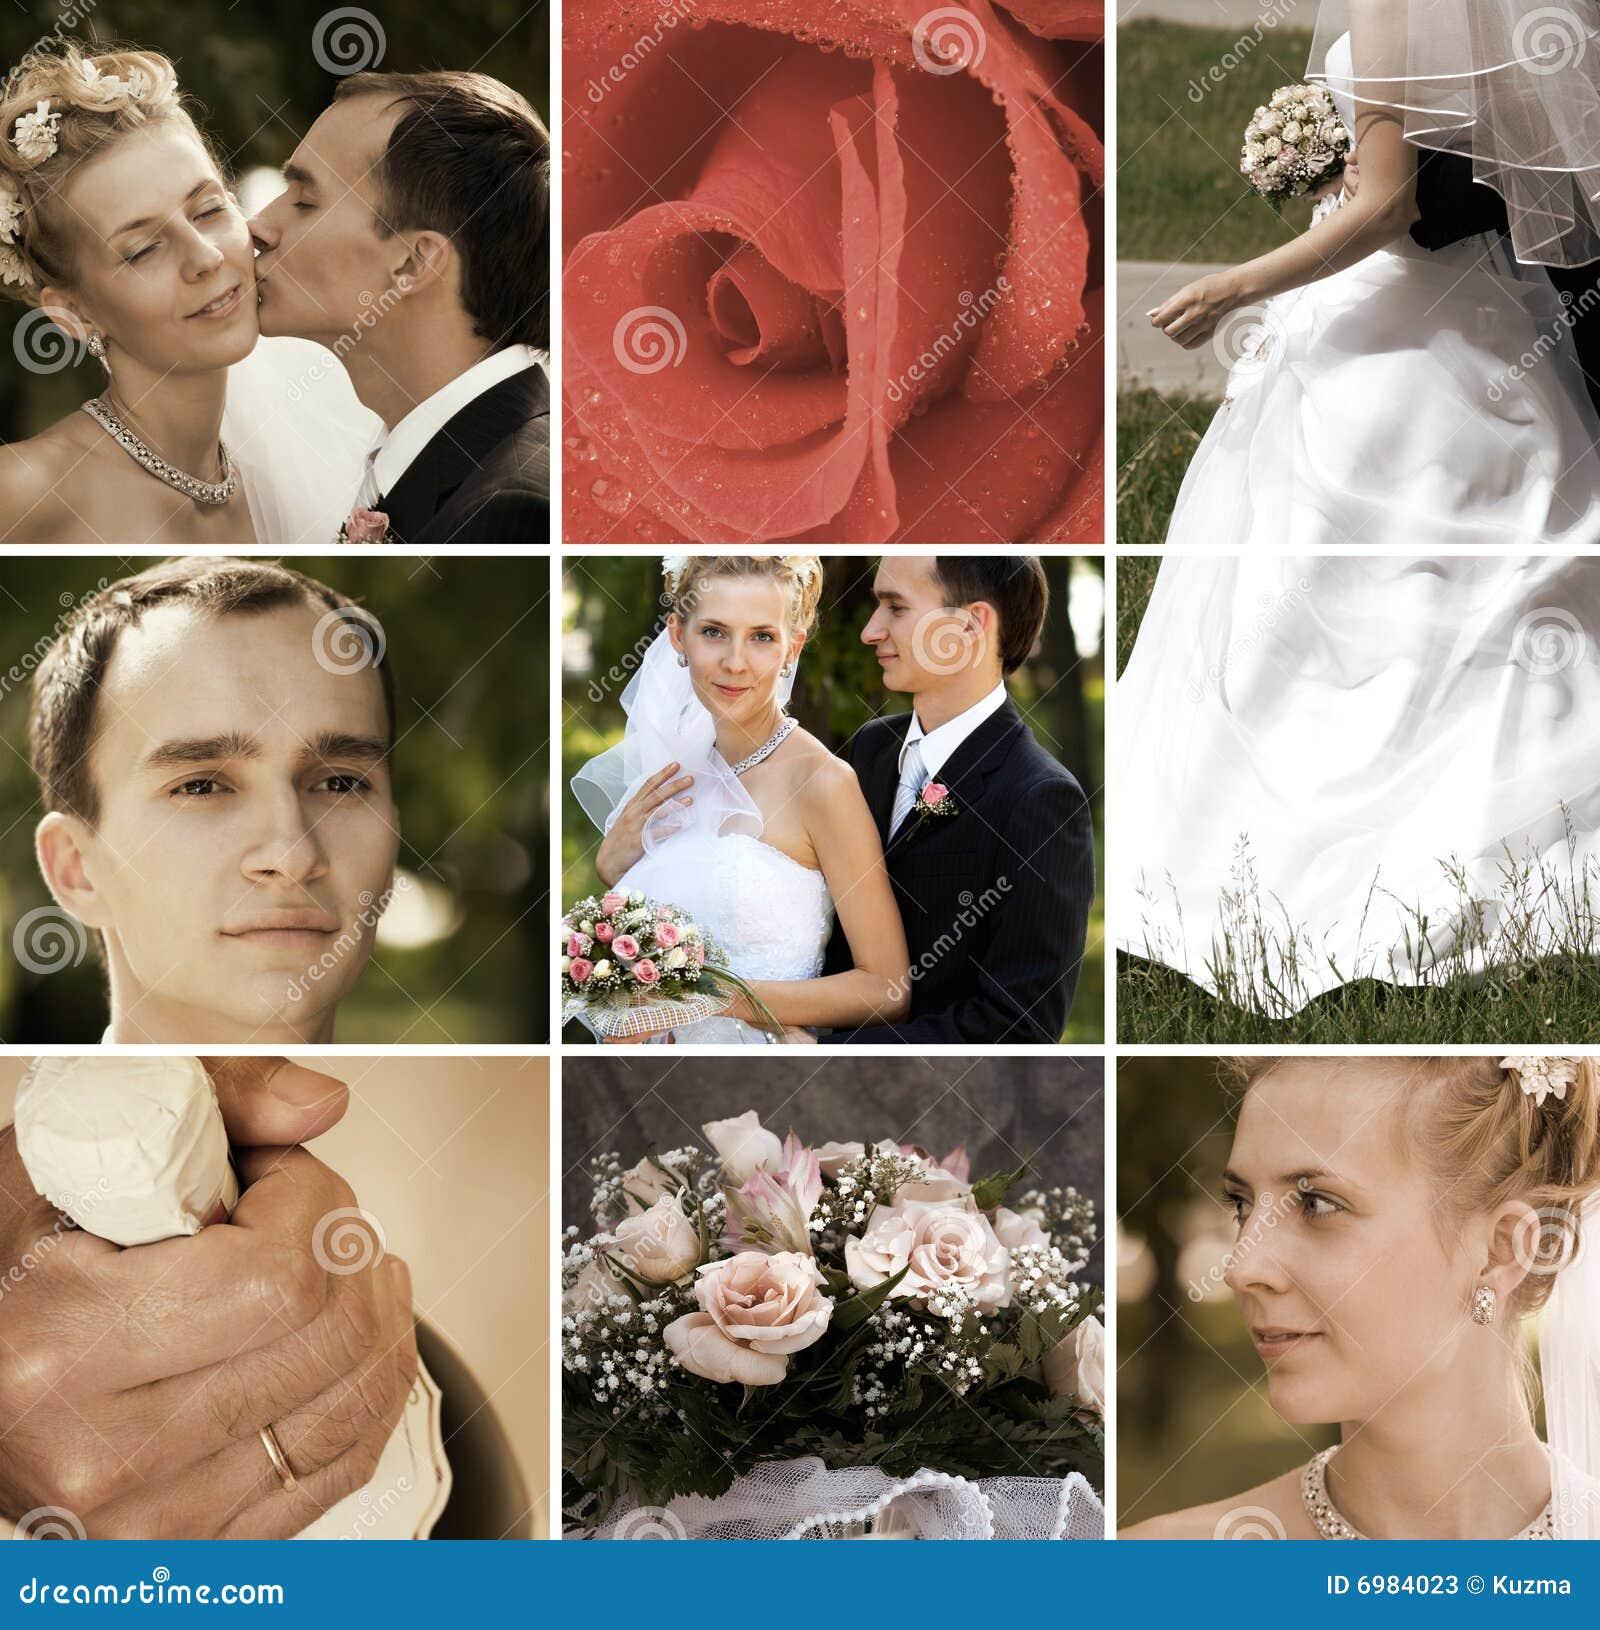 Wedding Day Stock Image. Image Of Holiday, Fiancee, Smile